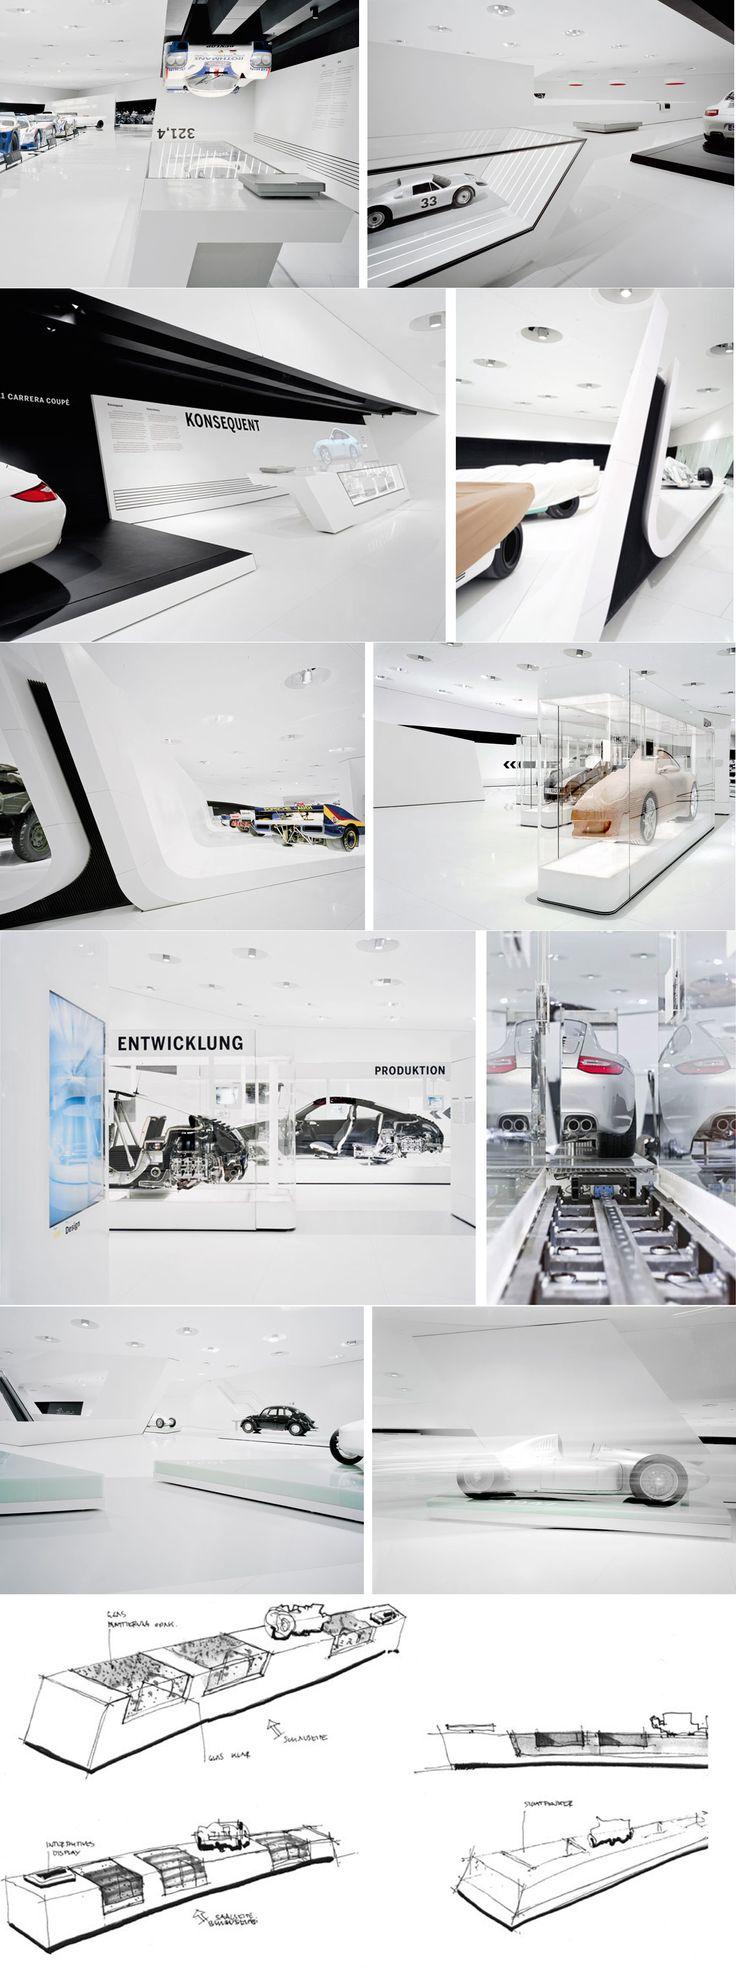 From : http://suedstudio.de/c/corporate-architecture/porsche-museum-stuttgart